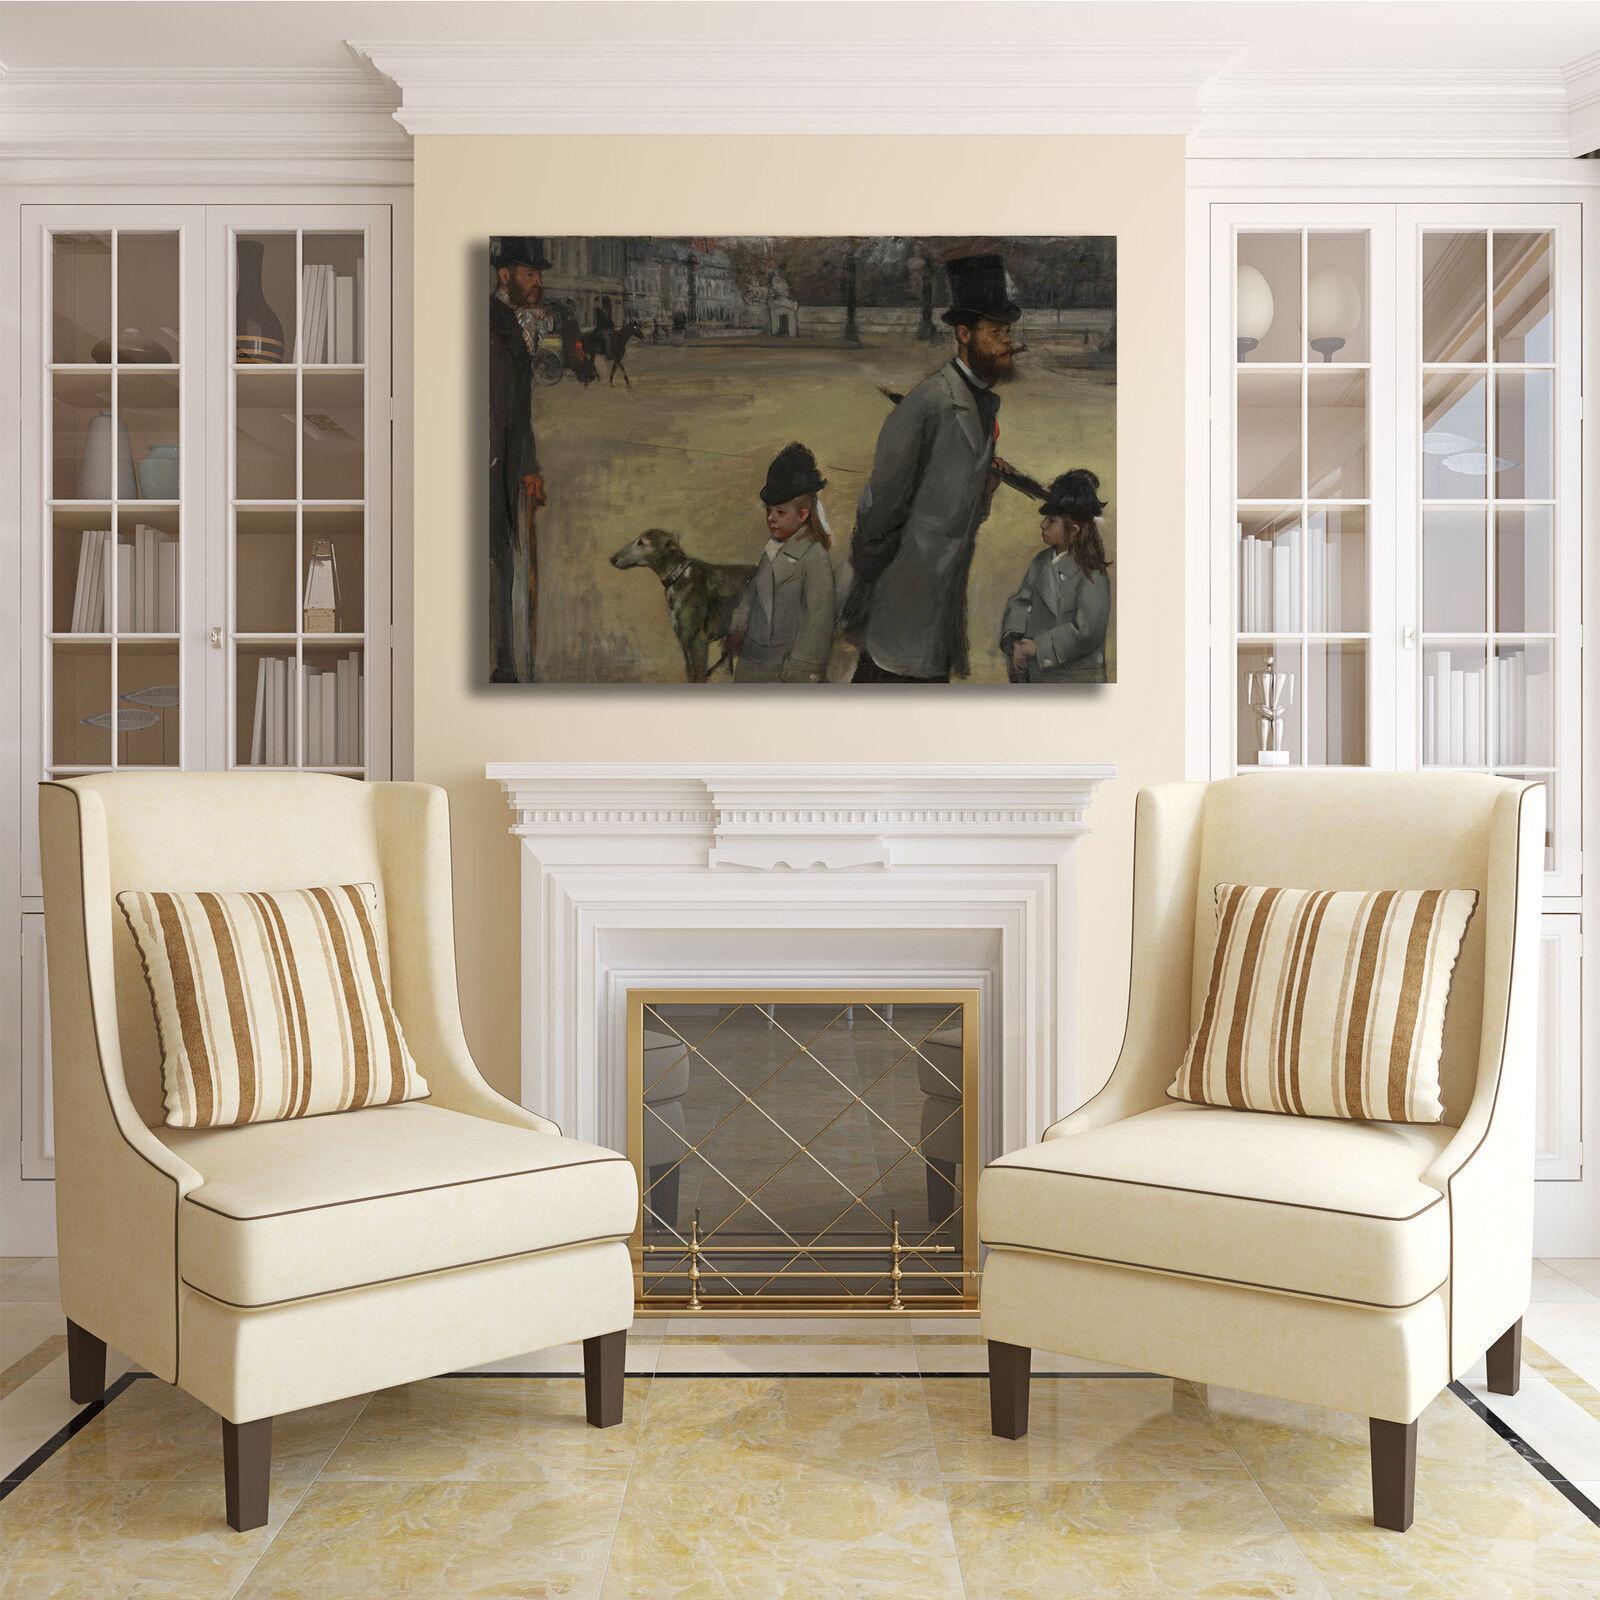 Degas piazza della tela concordia quadro stampa tela della dipinto telaio arRouge o casa a980dc